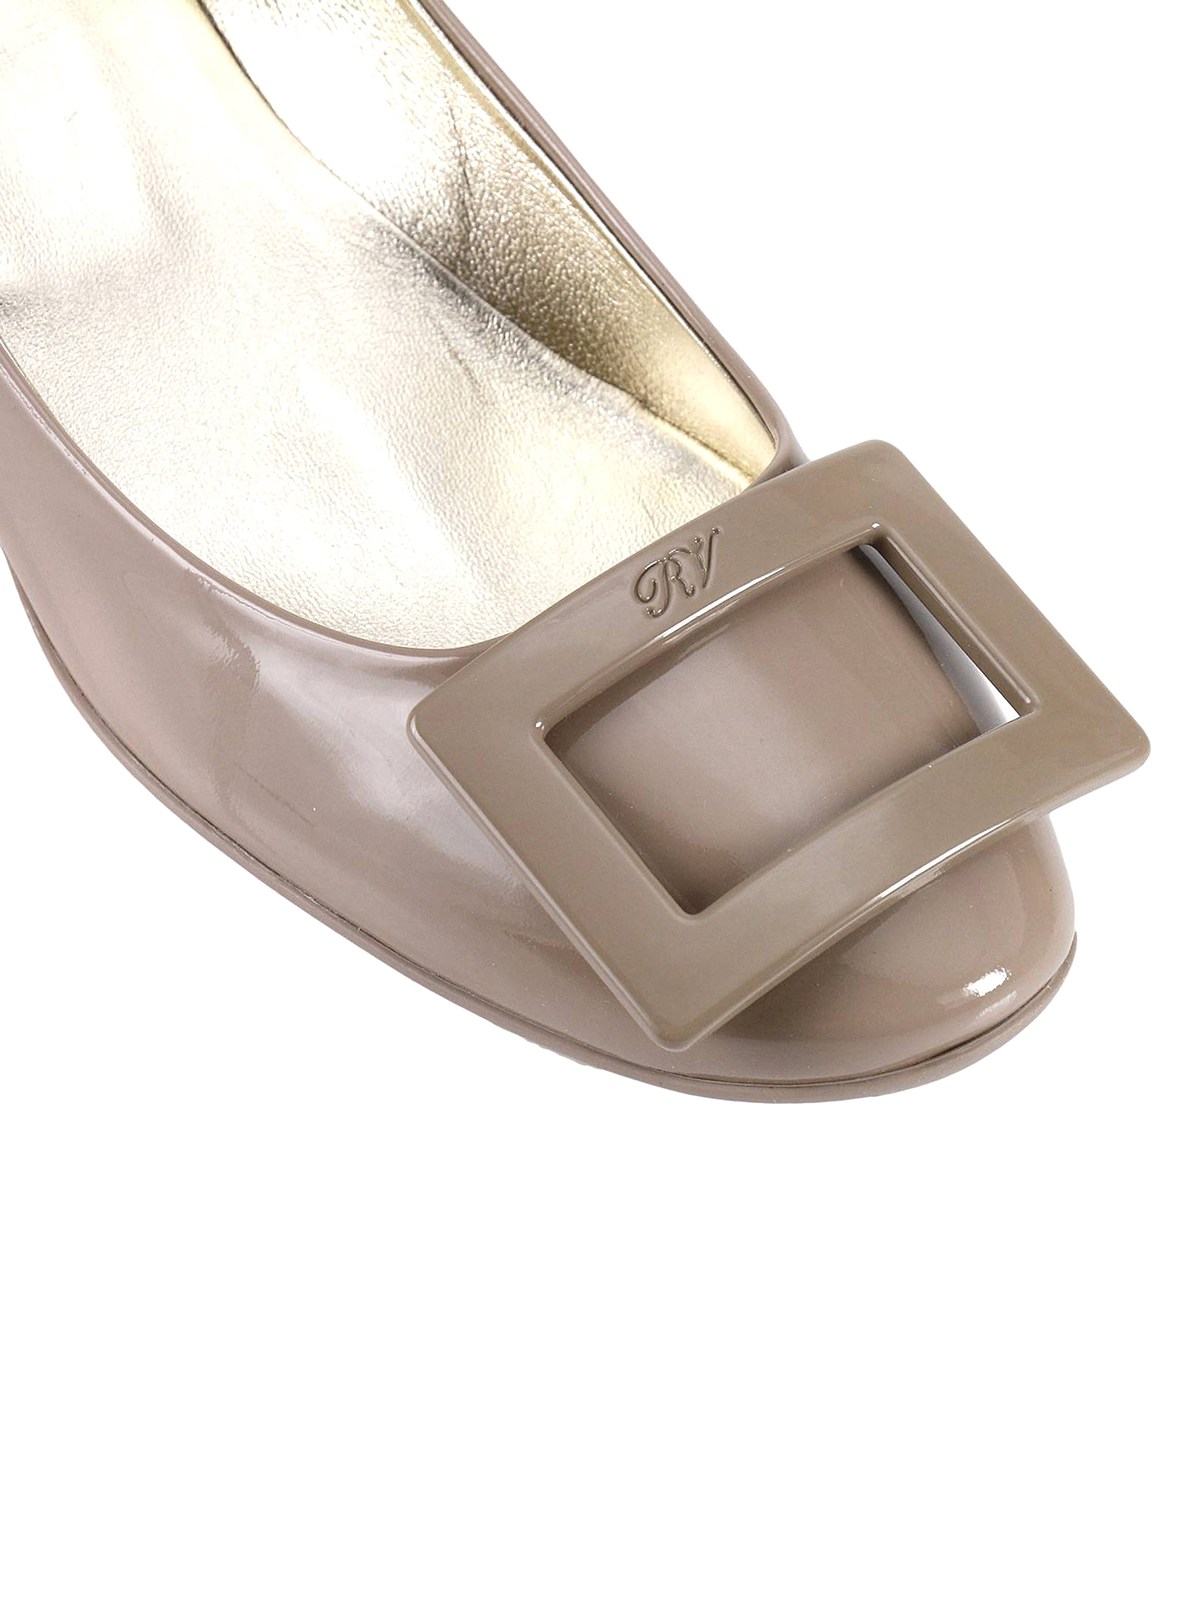 Salón Zapatos De Nuit Nn8mov0w Vivier Belle Roger 7yb6Yfgv